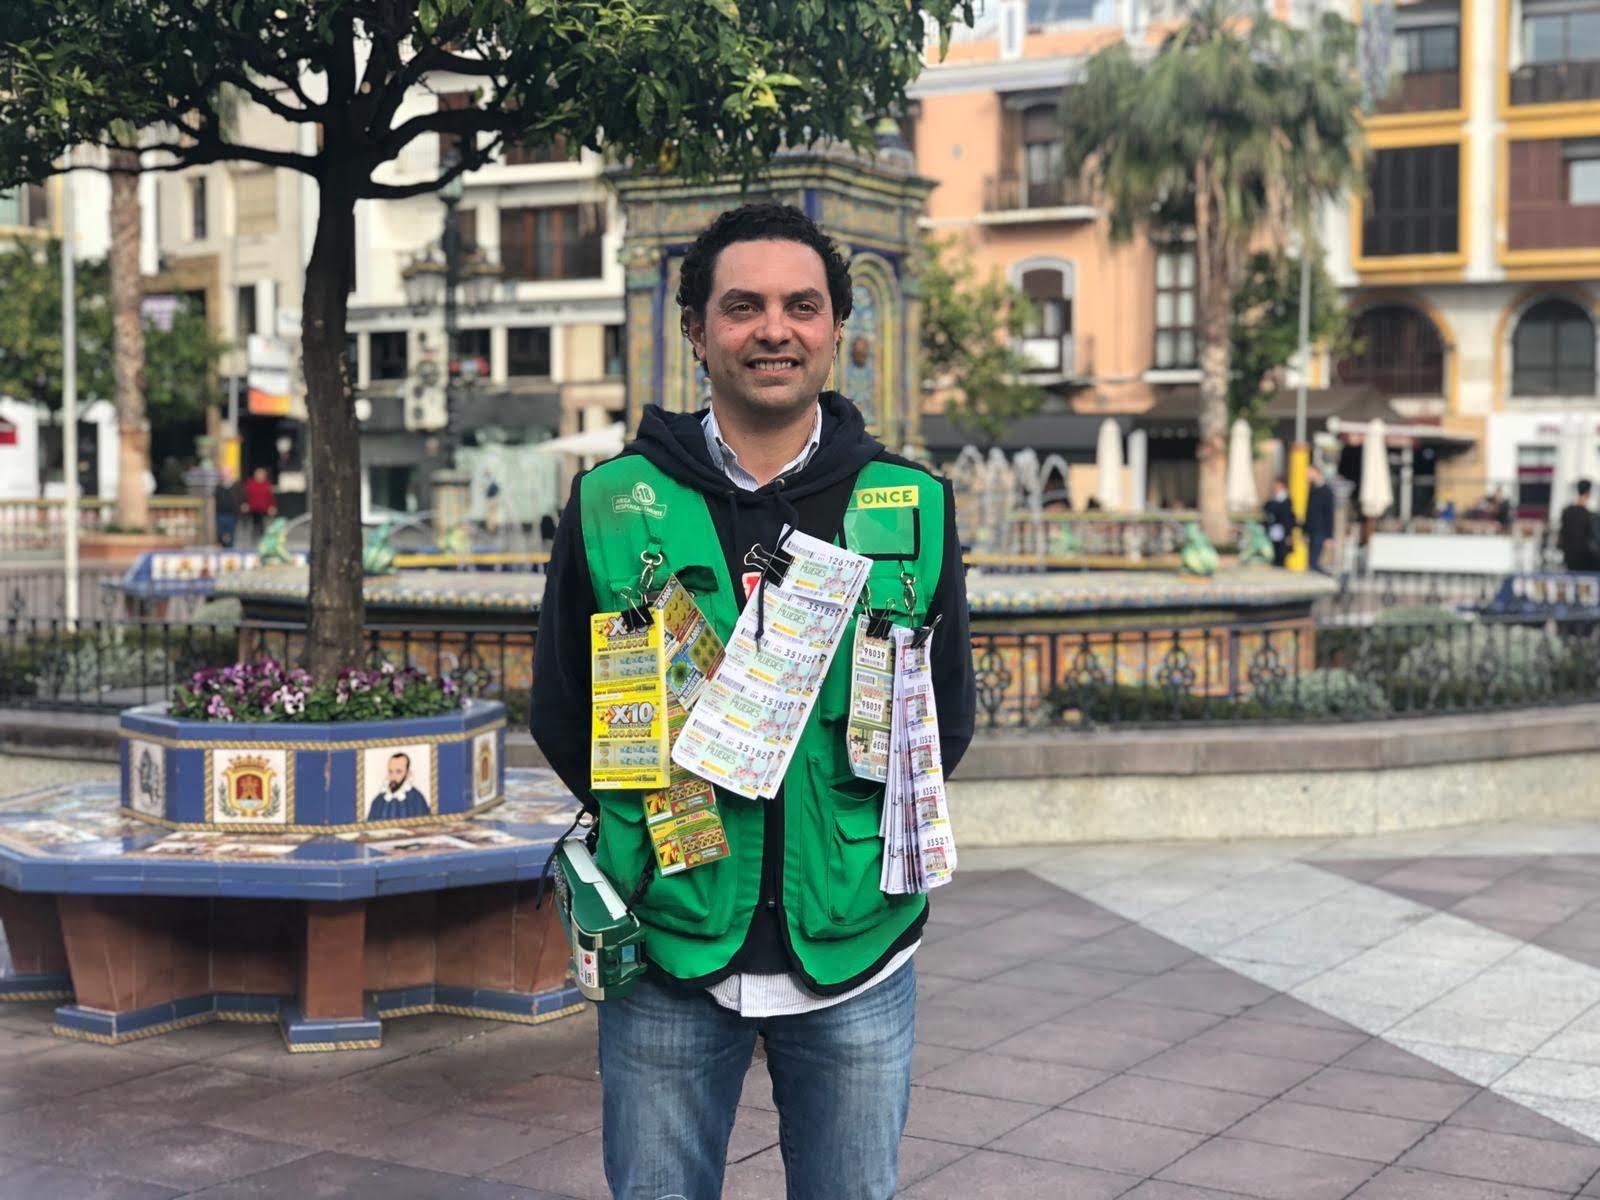 La ONCE reparte 700.000 euros entre 20 vecinos de la Plaza Alta de Algeciras